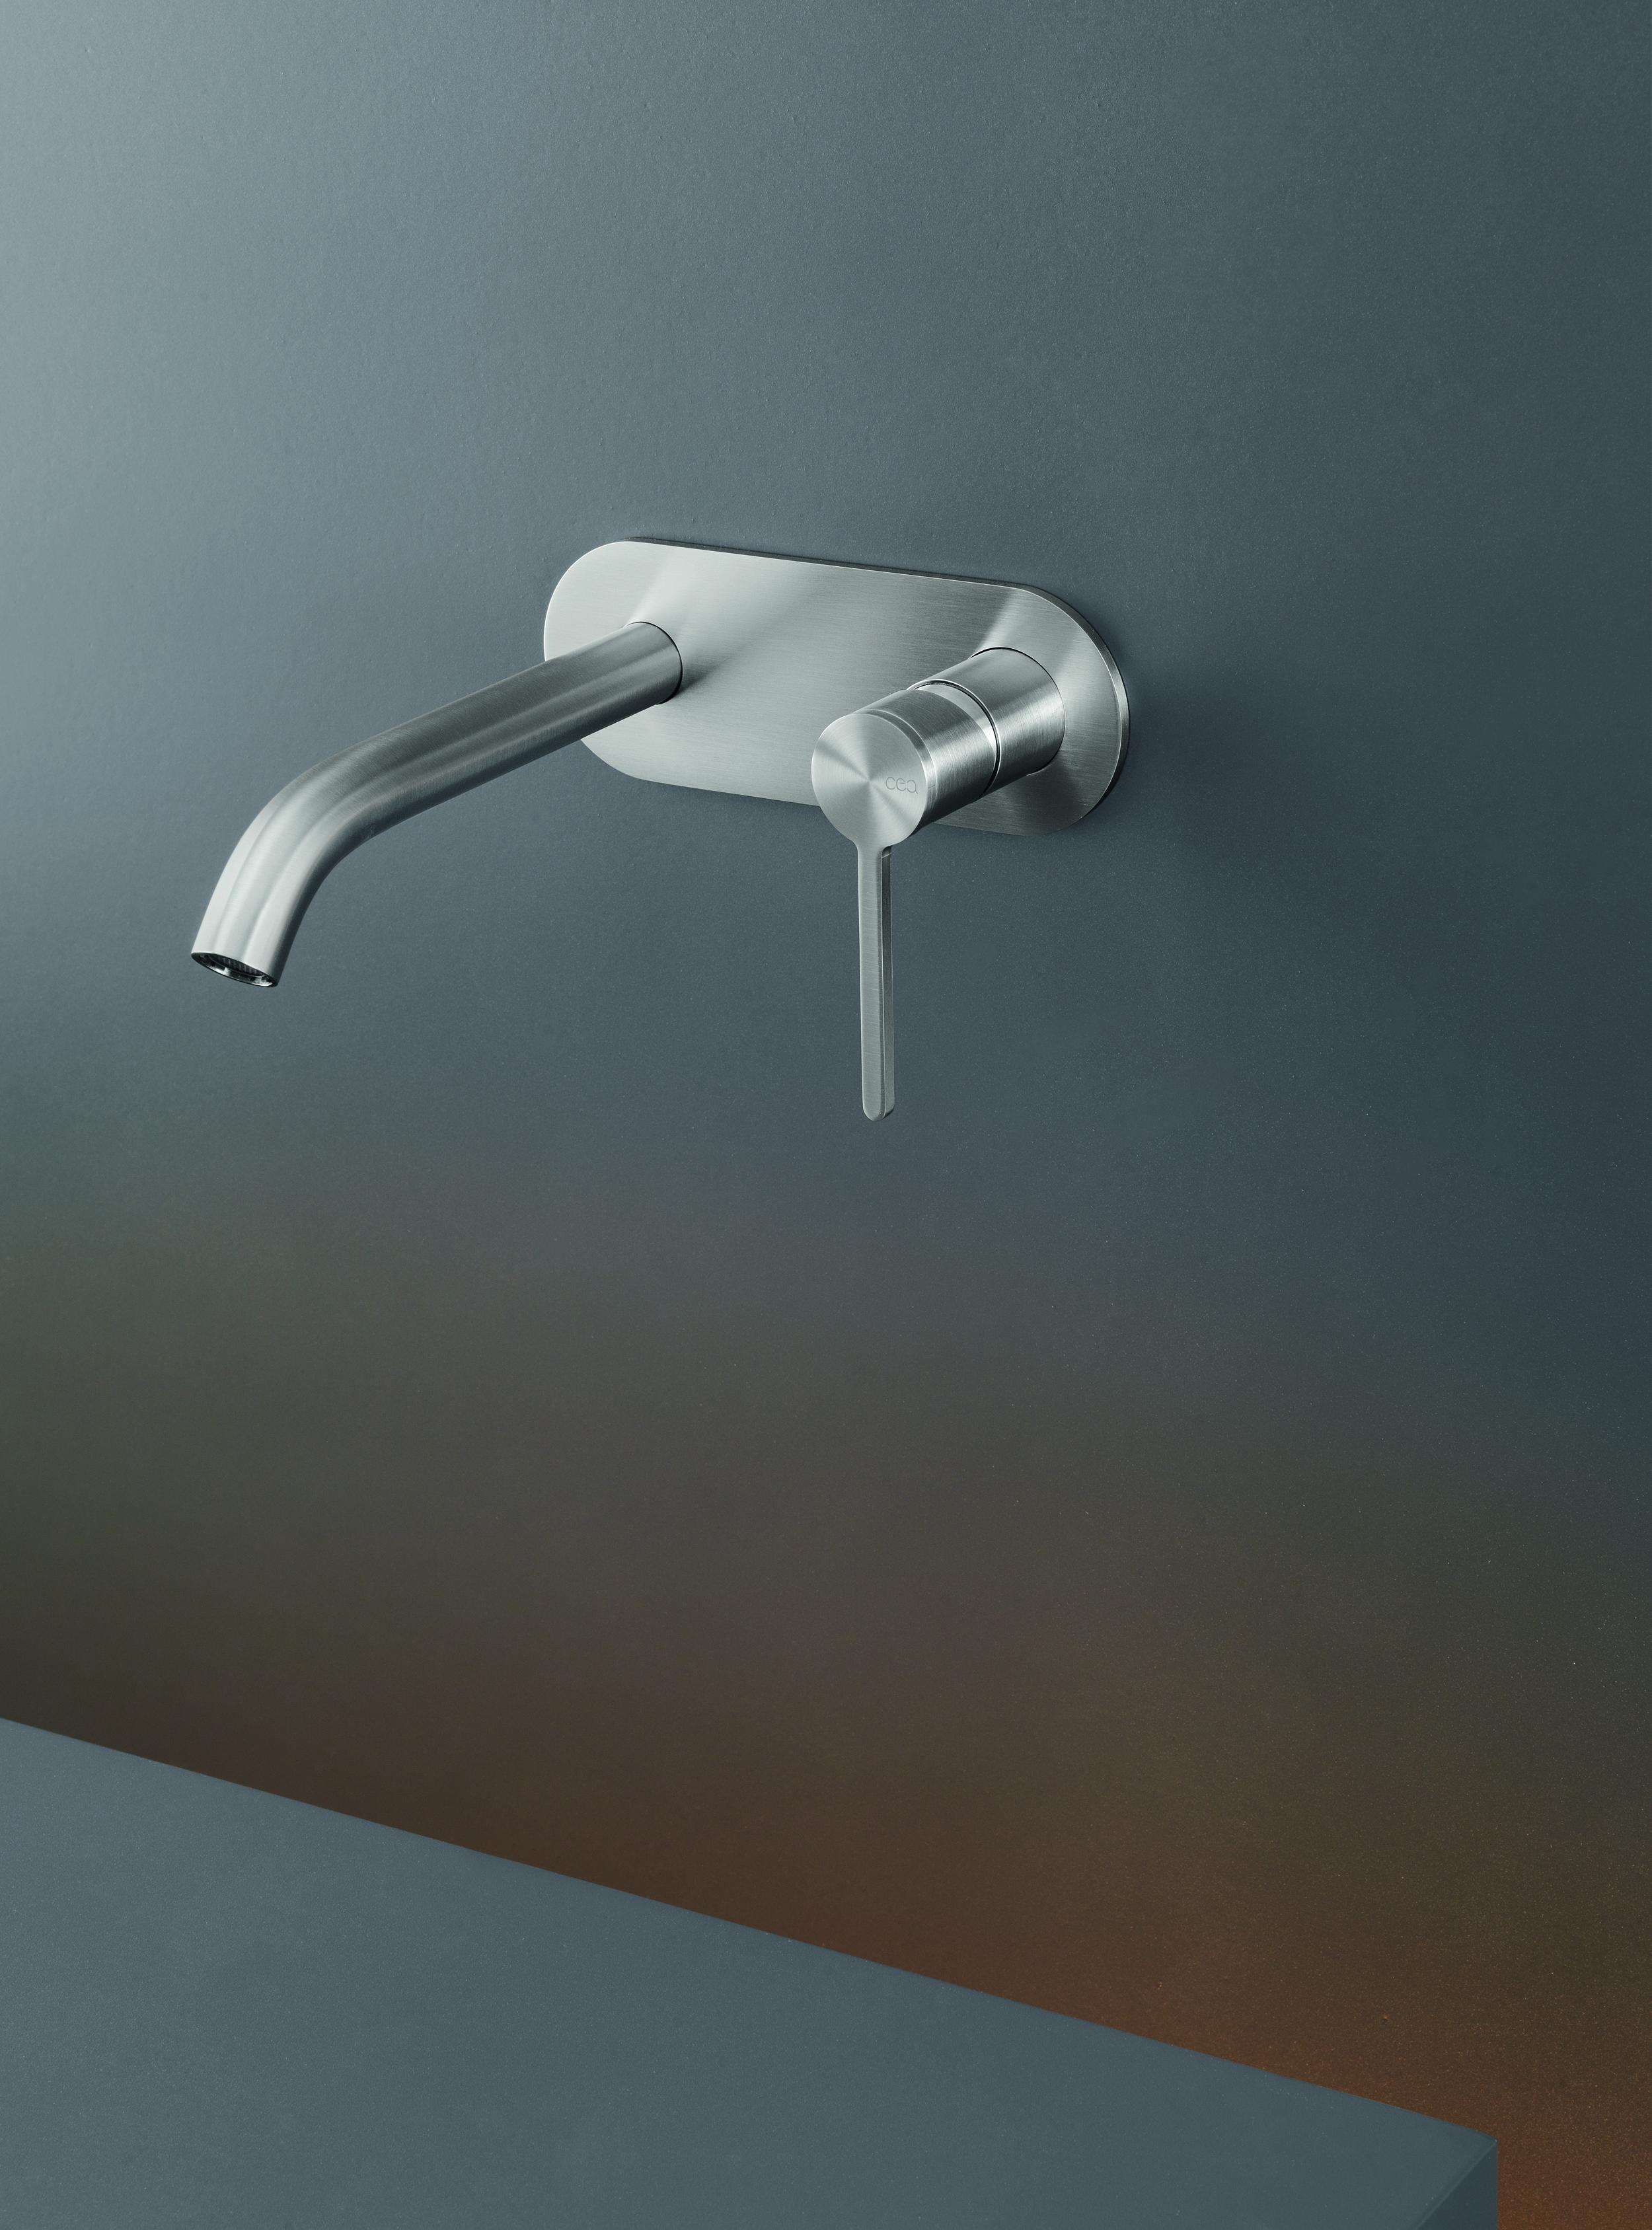 Contemporary Innovo Wall Mount Faucet